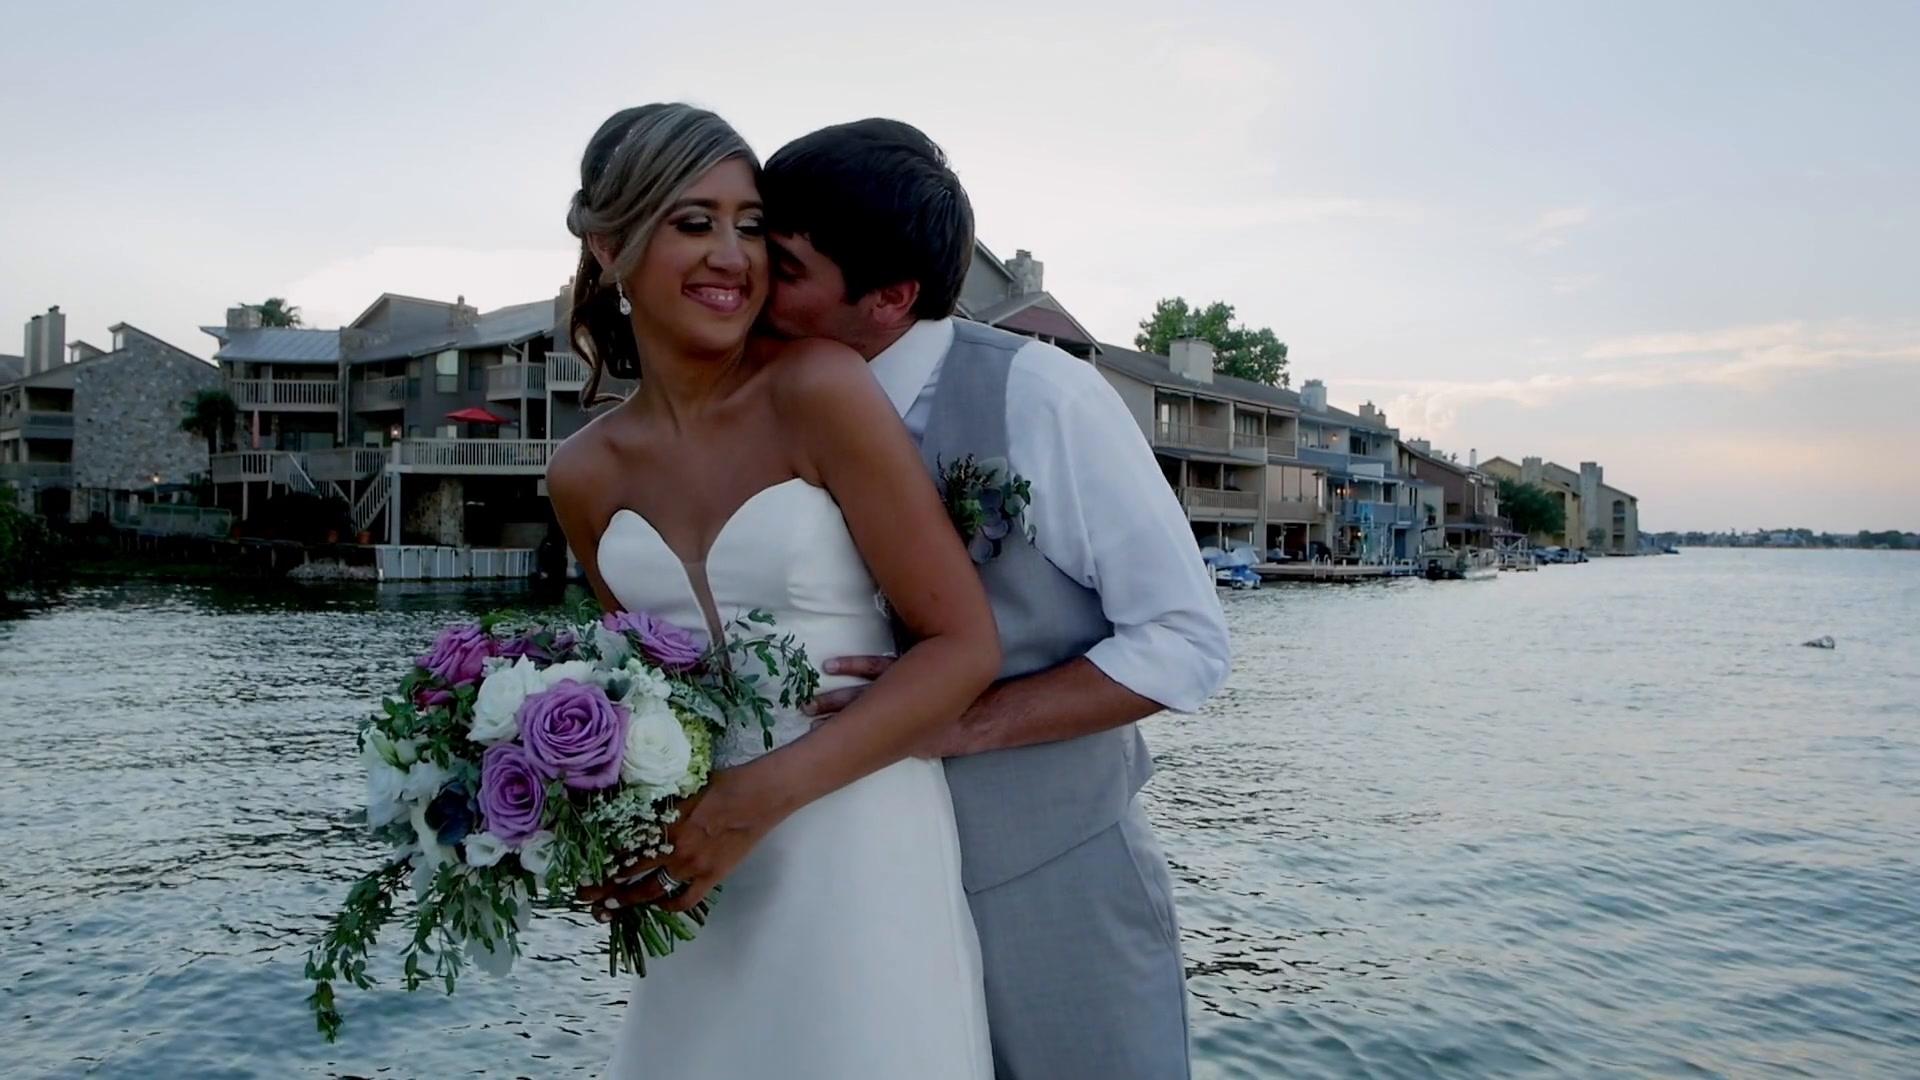 Nadia + Calvin | Horseshoe Bay, Texas | Horseshoe Bay Resort